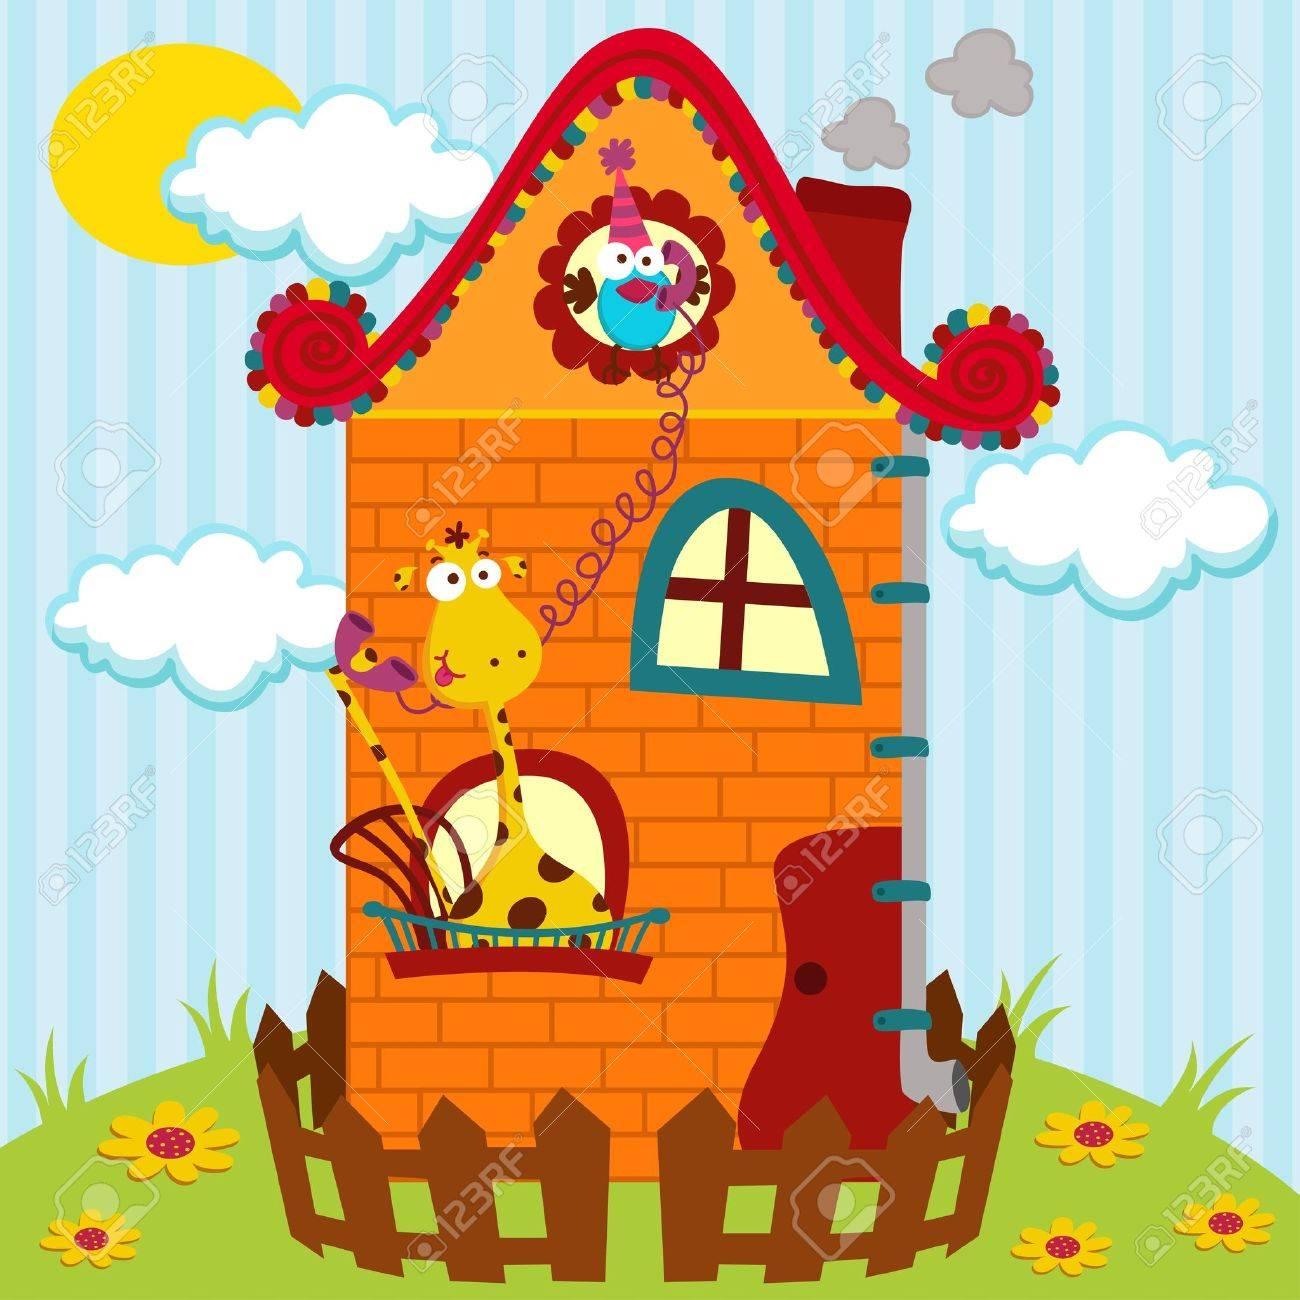 Illustration, Giraffen und Vogel im Gespräch über das Telefon im Haus Standard-Bild - 19424350